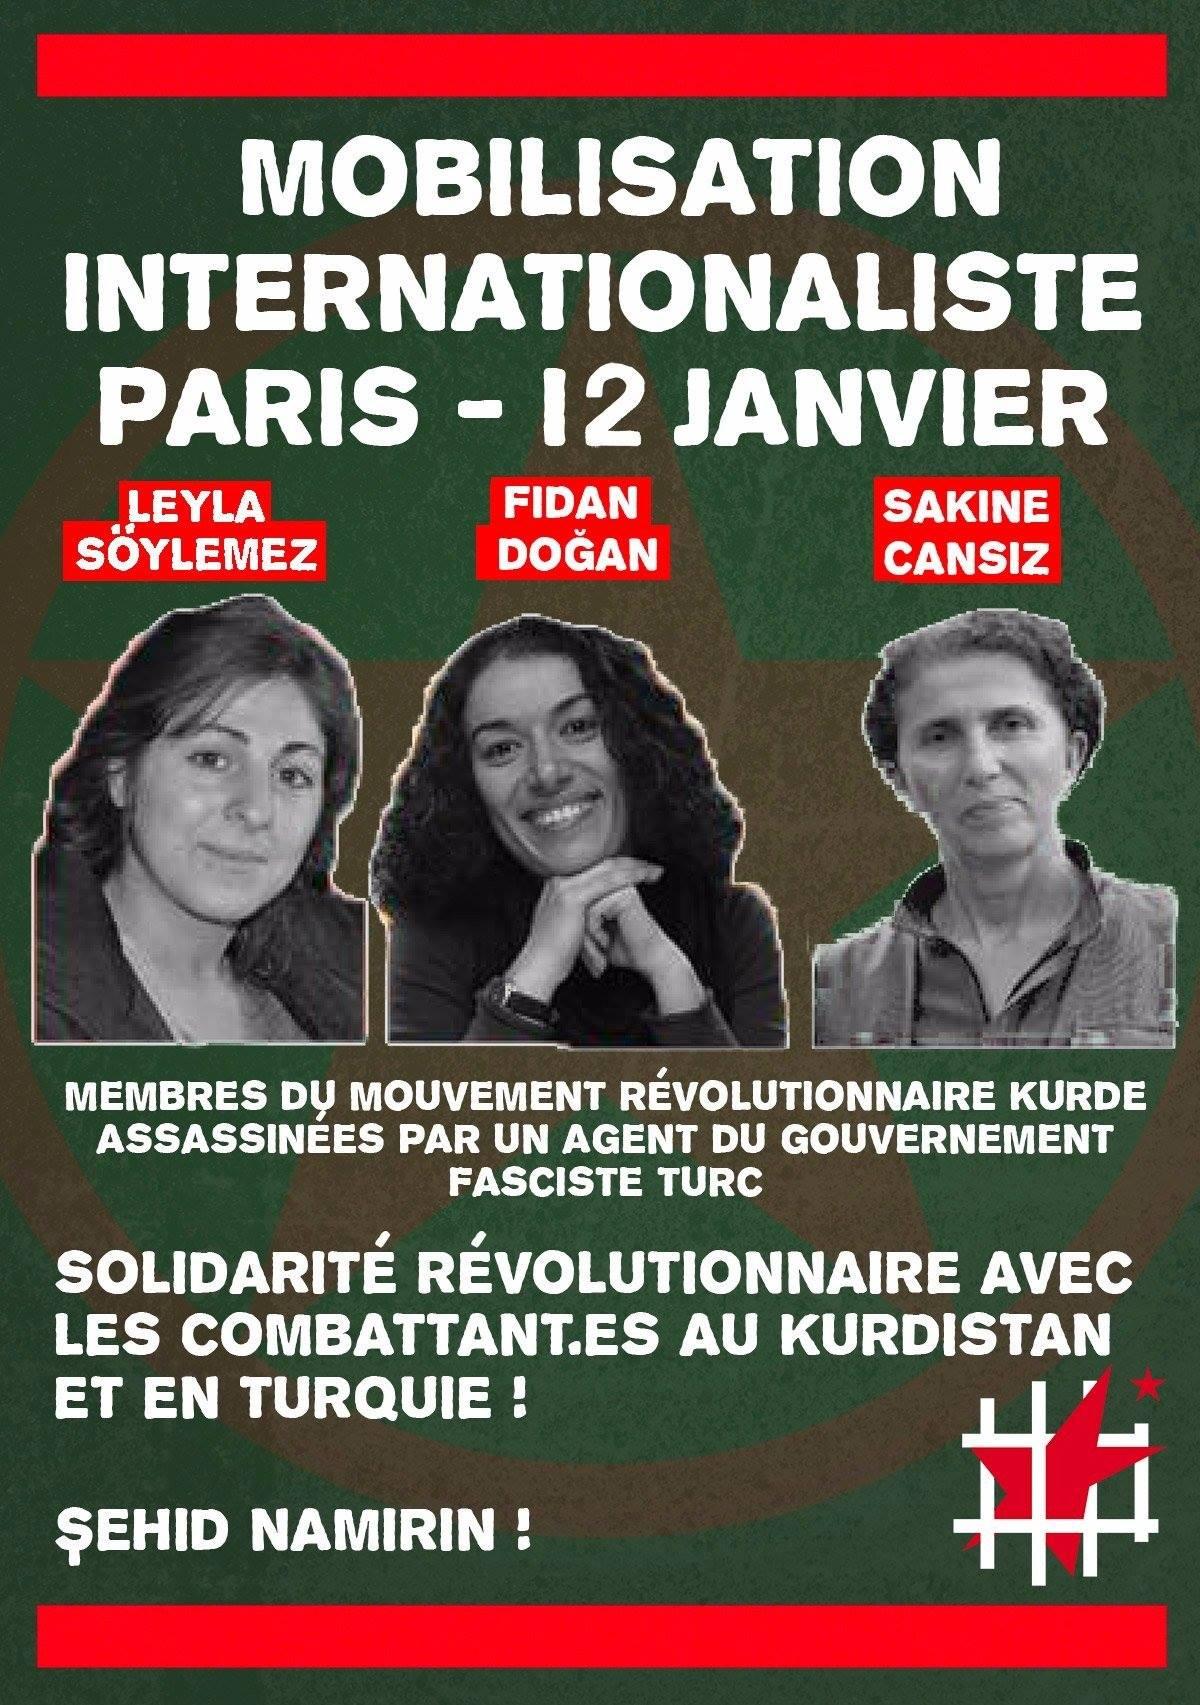 Mobilisation à Paris